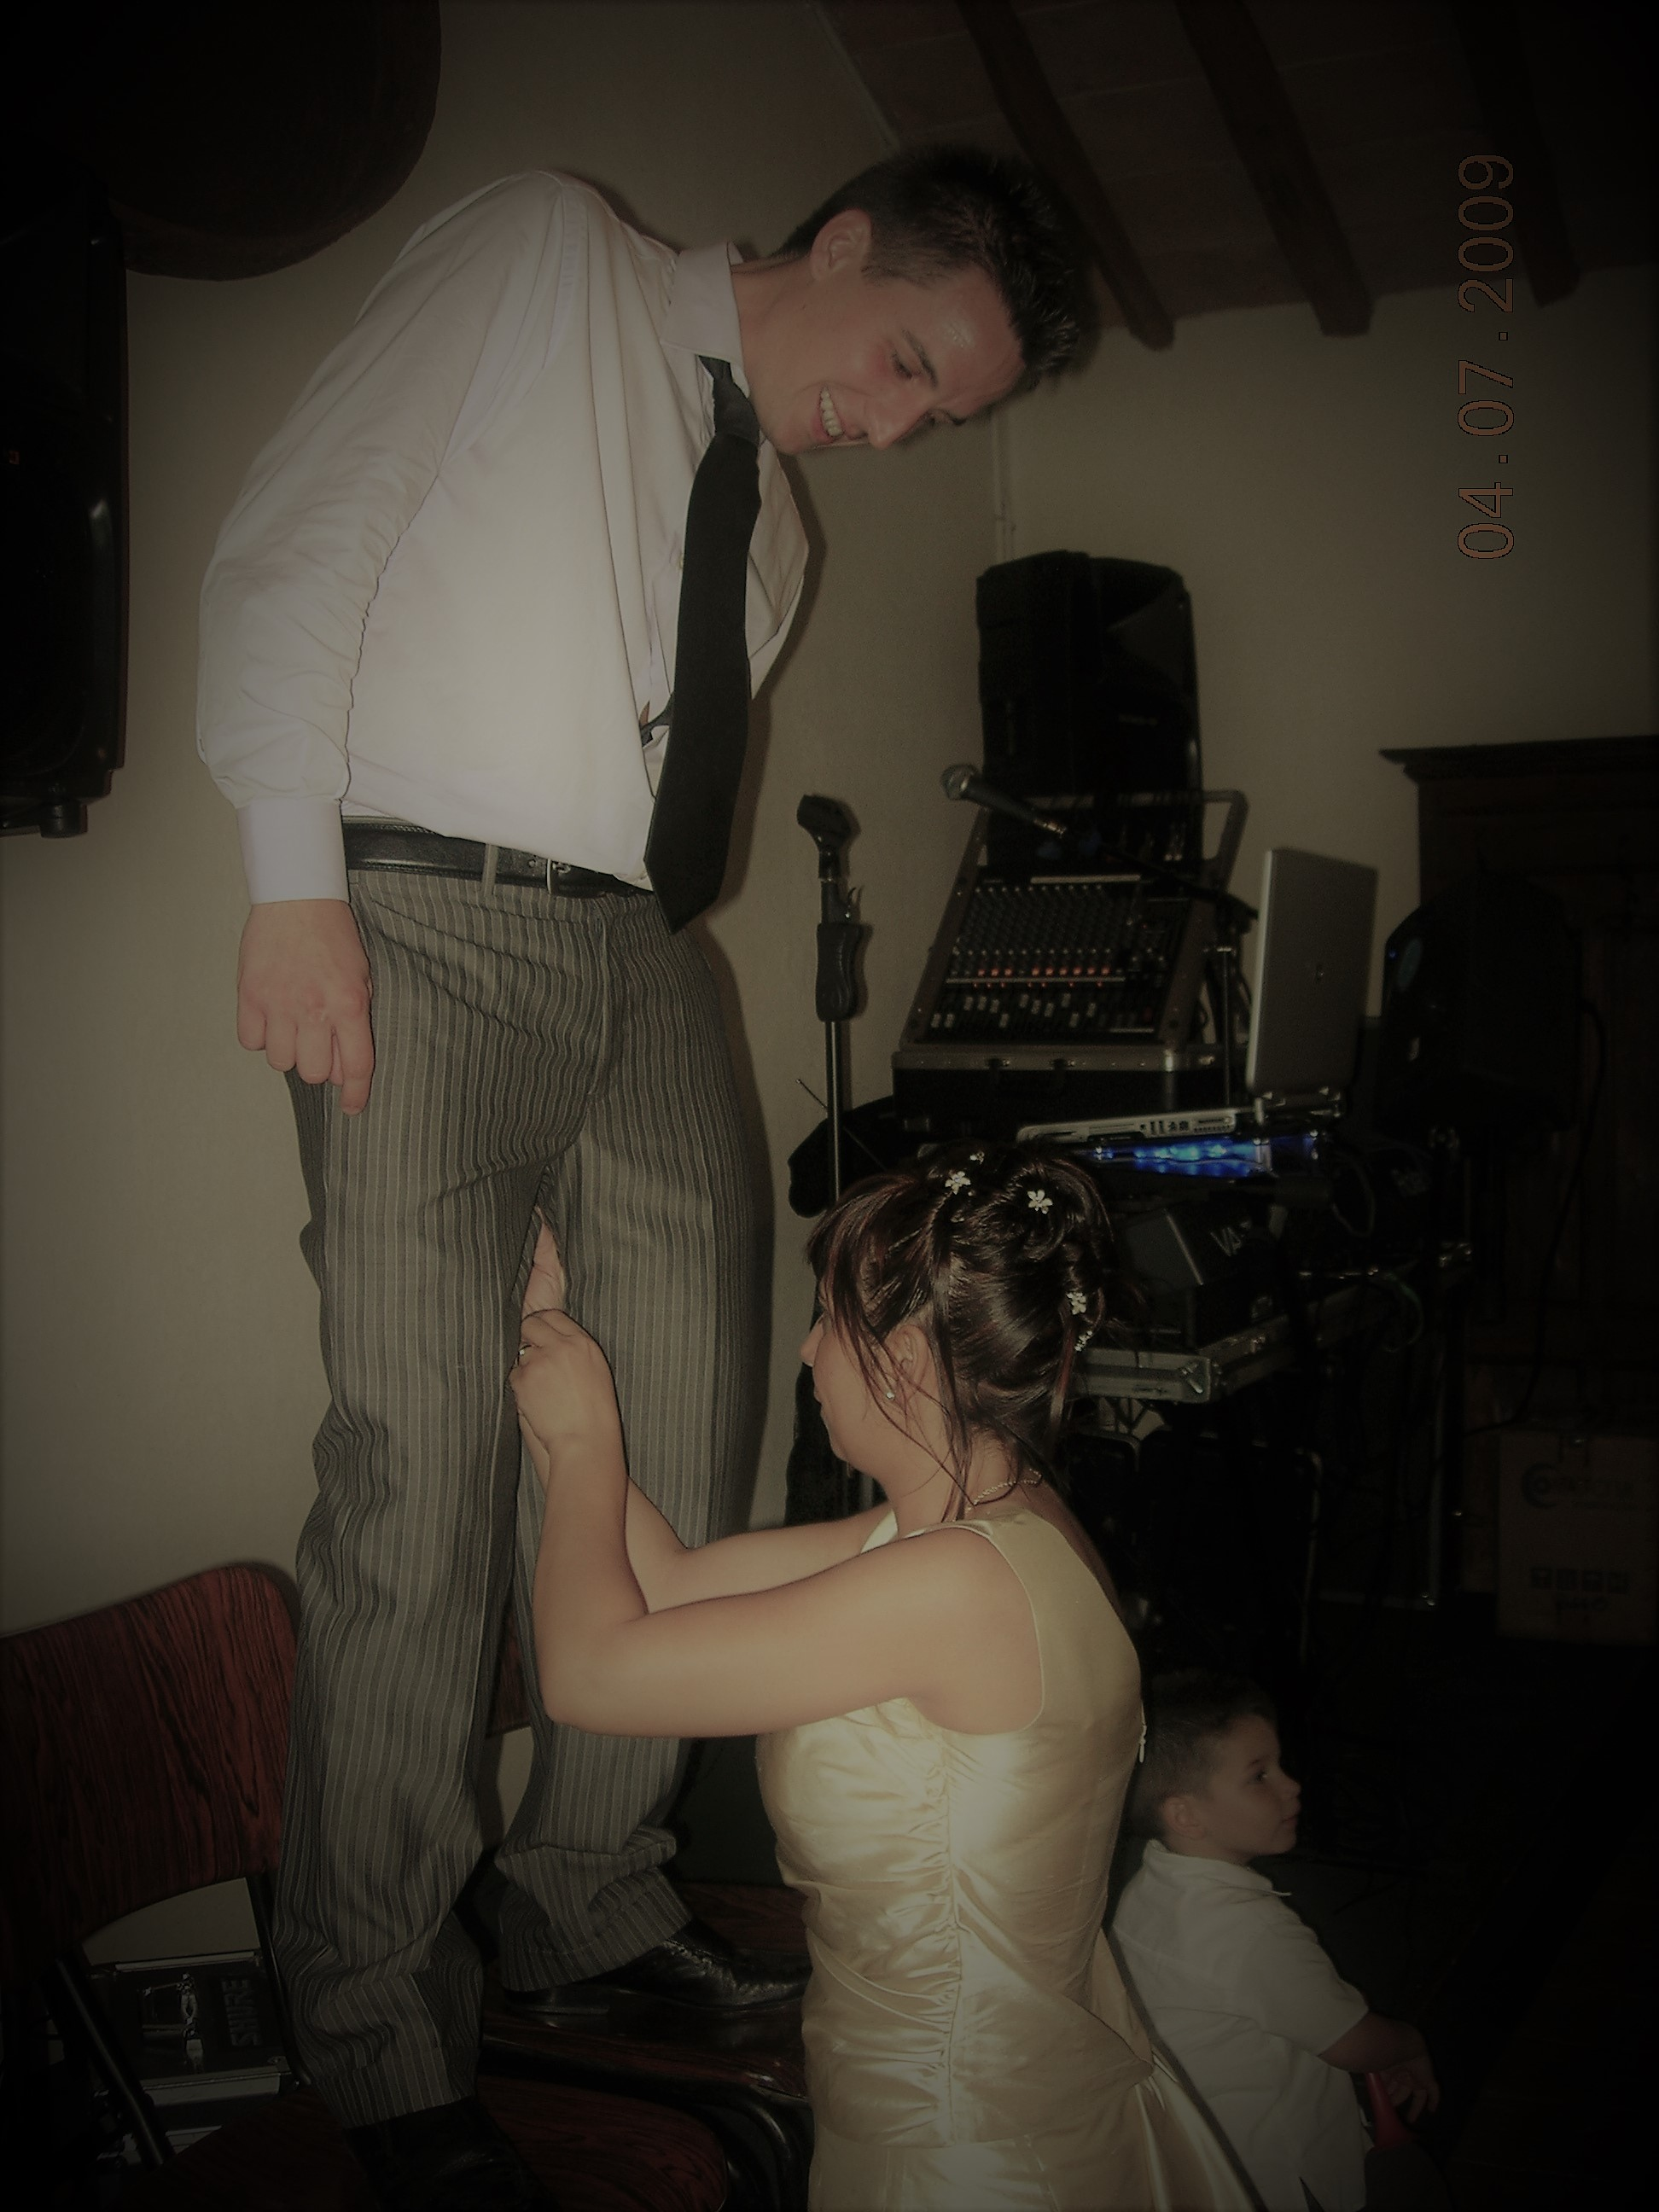 Oscar e Emanuela 04.07.2009 - 086.JPG